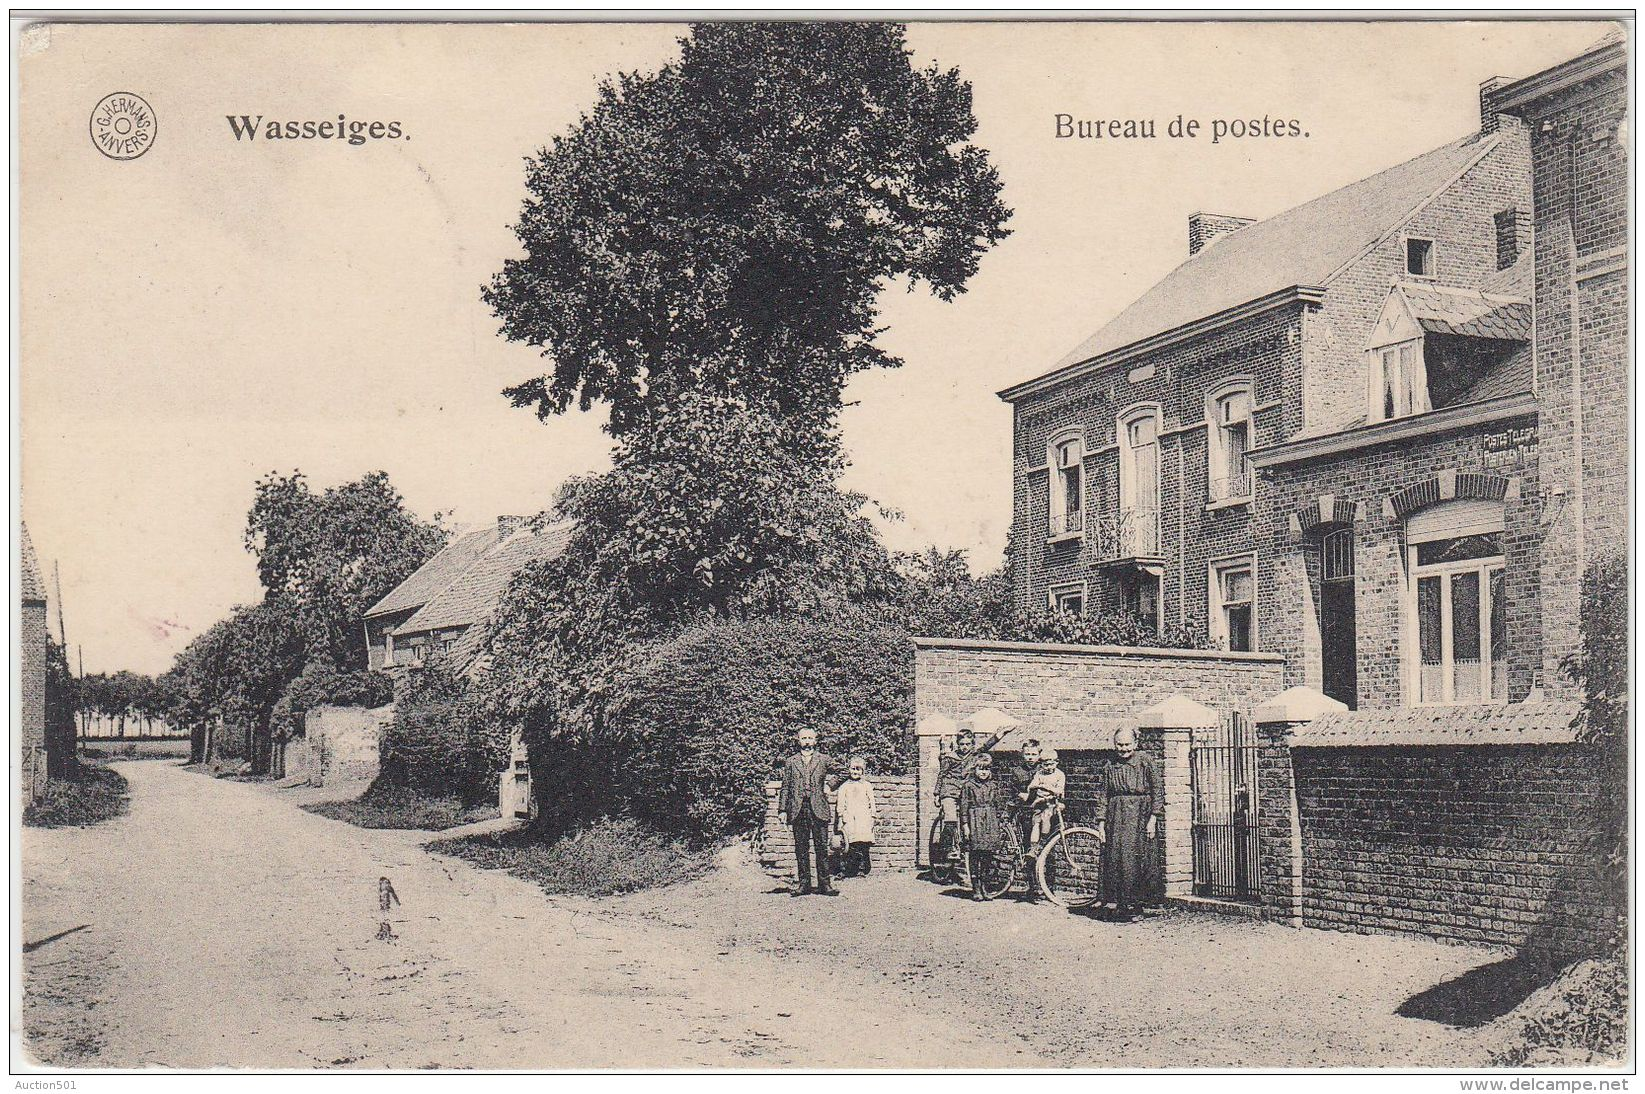 27043g  BUREAU DE POSTES - Wasseiges - 1920 - Wasseiges